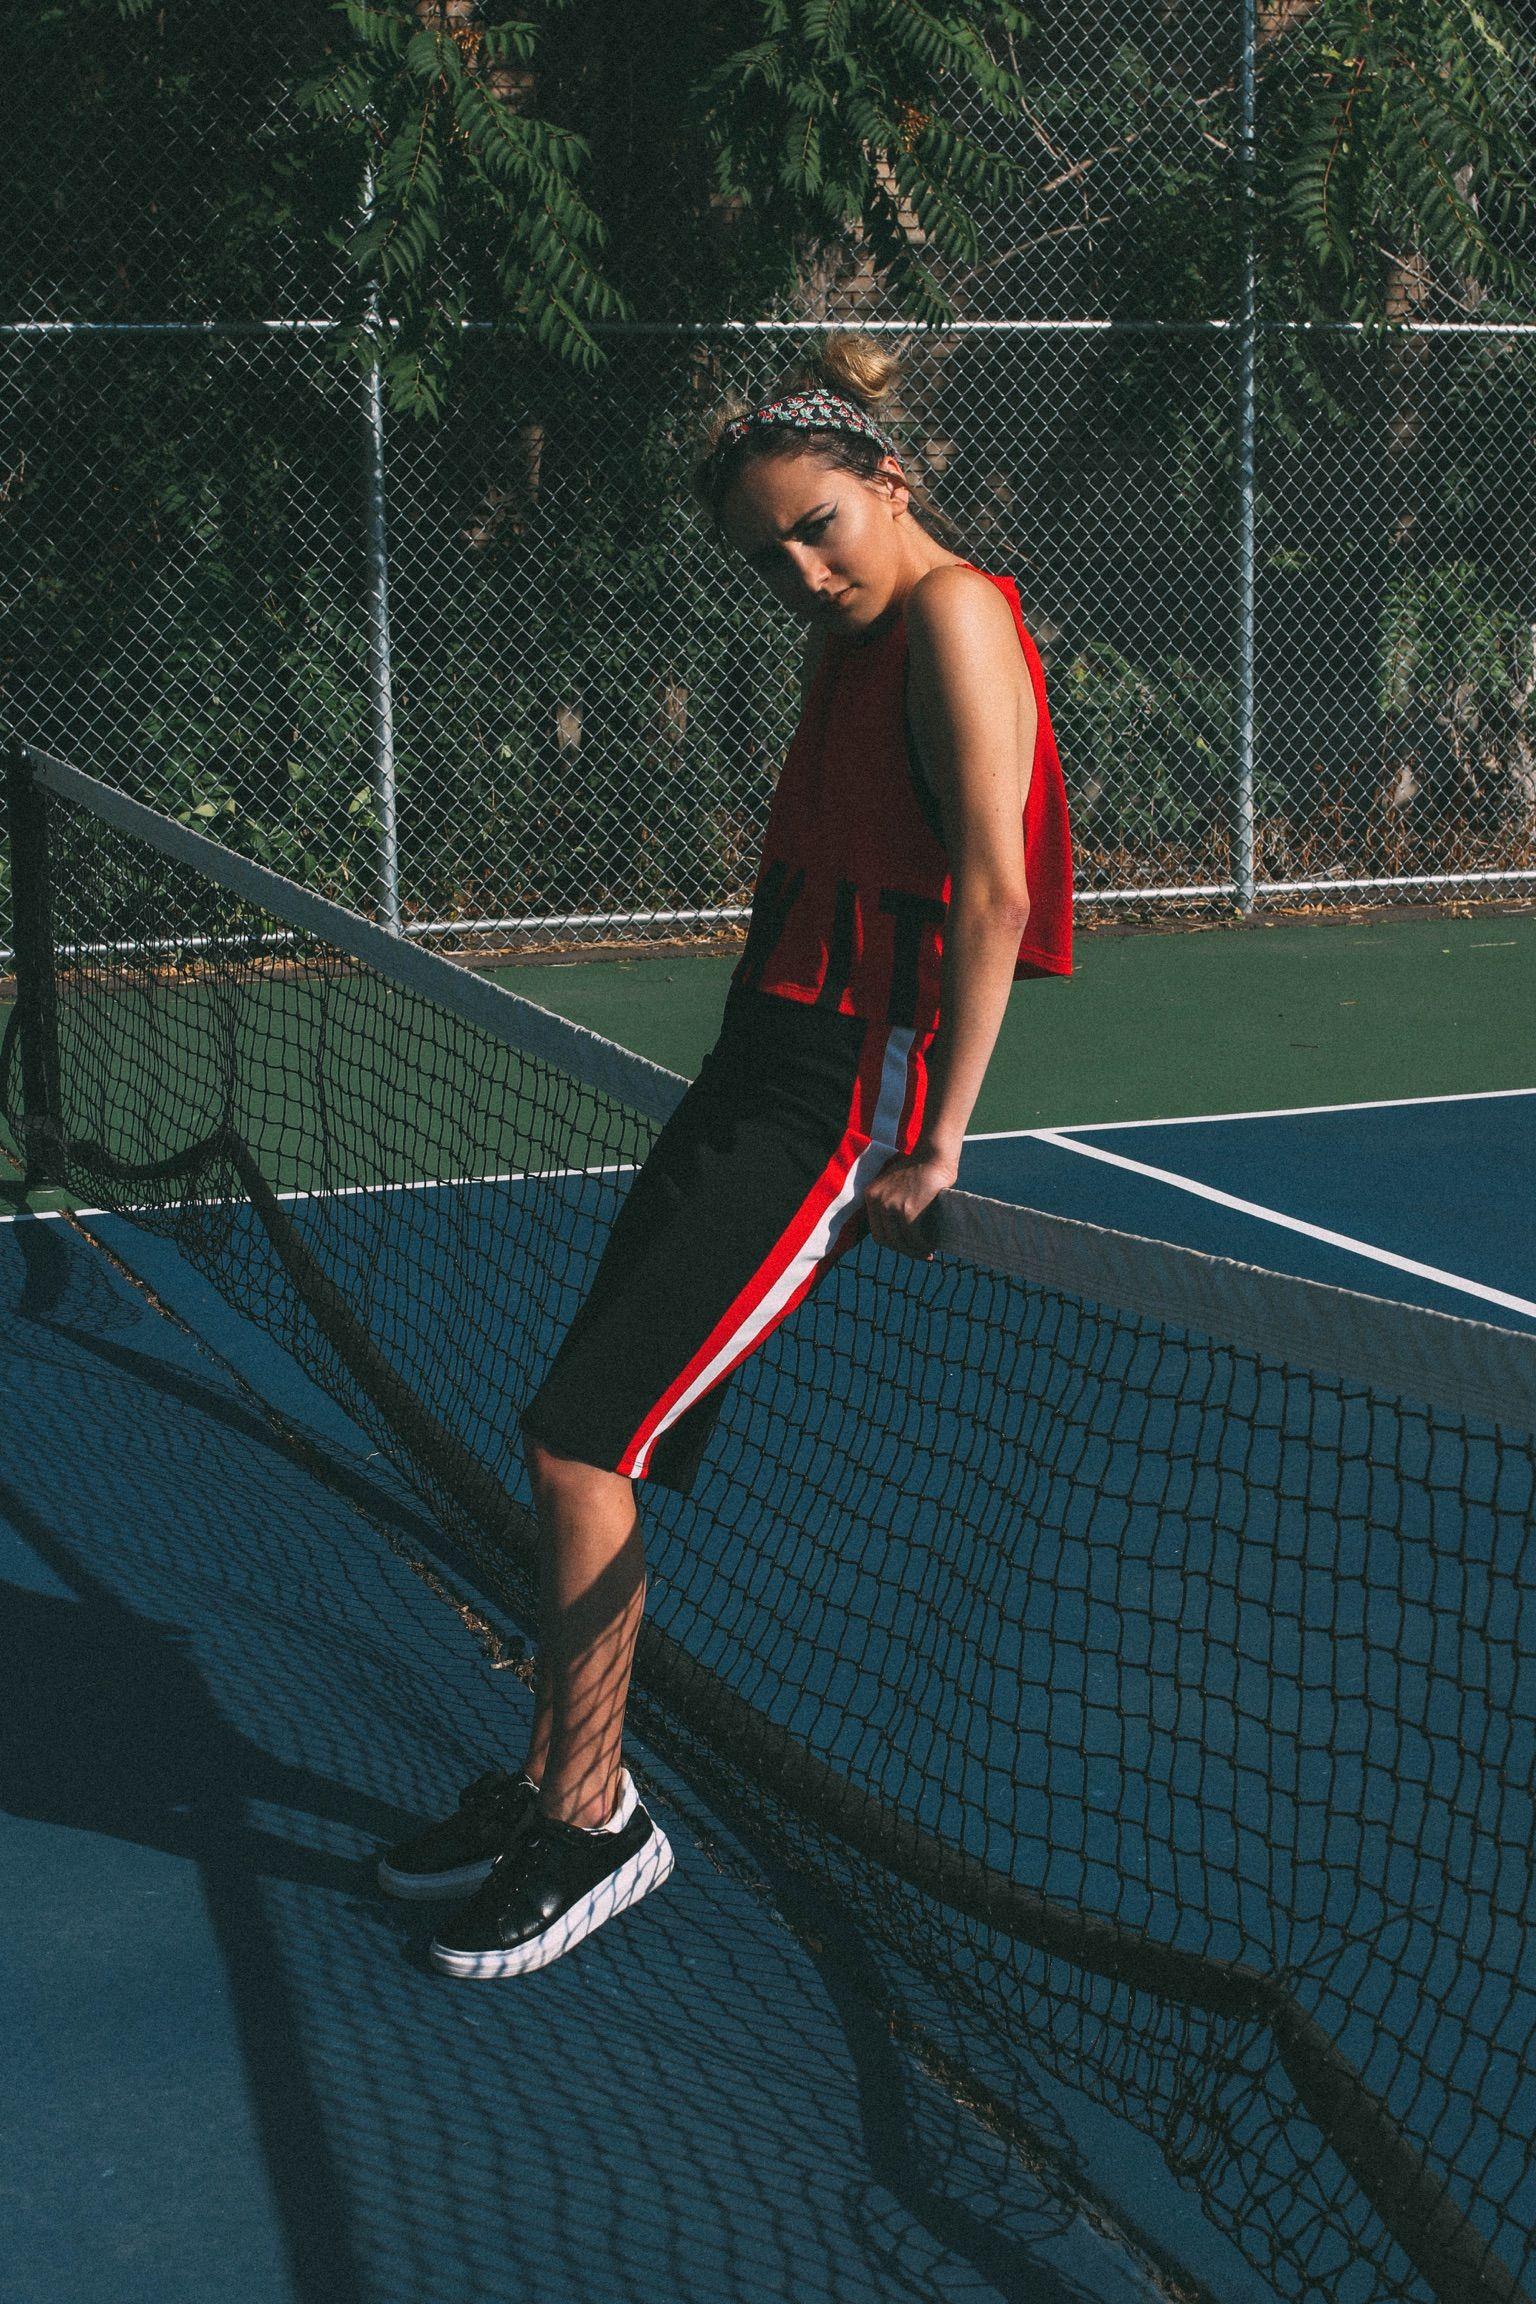 Maloriiee Euroshelb Tennis Court Photoshoot Idea Tennis Court Photoshoot Tennis Fashion Tennis Photography